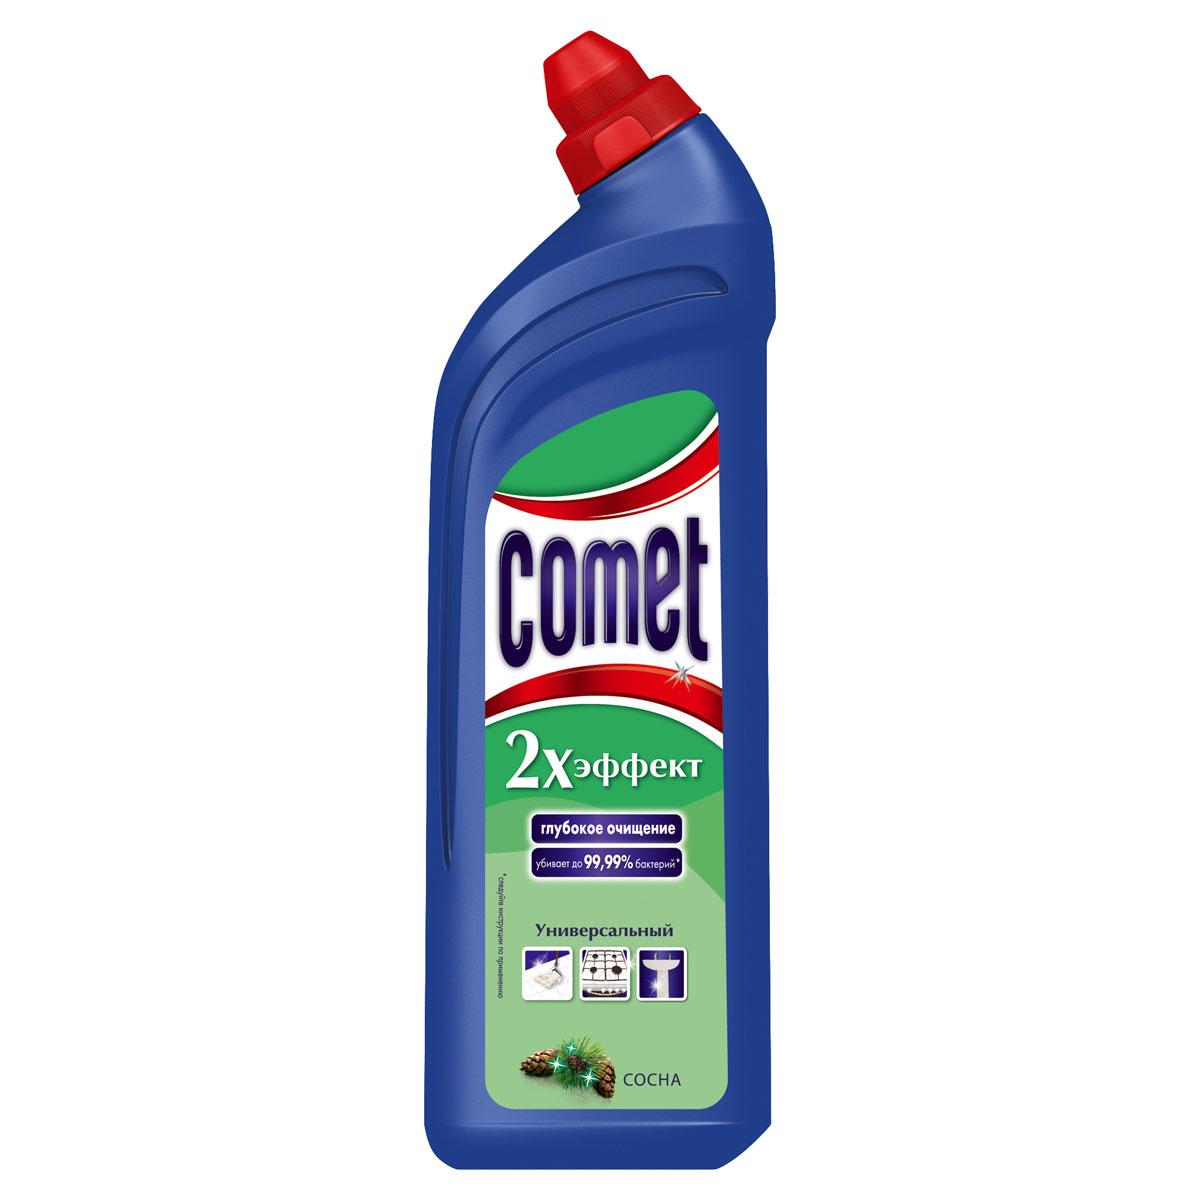 Универсальный чистящий гель Comet Двойной эффект, с ароматом сосны, 1 лCG-80227828Универсальный чистящий гель Comet Двойной эффект предназначен для глубокого очищения поверхностей. Эффективно удаляет повседневные загрязнения и обычный жир во всем доме, а также дезинфицирует поверхности. Средство подходит для плит (в том числе стеклокерамических), ванн, раковин, унитазов, кафеля, мытья полов. Обладает приятным ароматом сосны.Характеристики:Состав: Объем: 1 л. Товар сертифицирован.